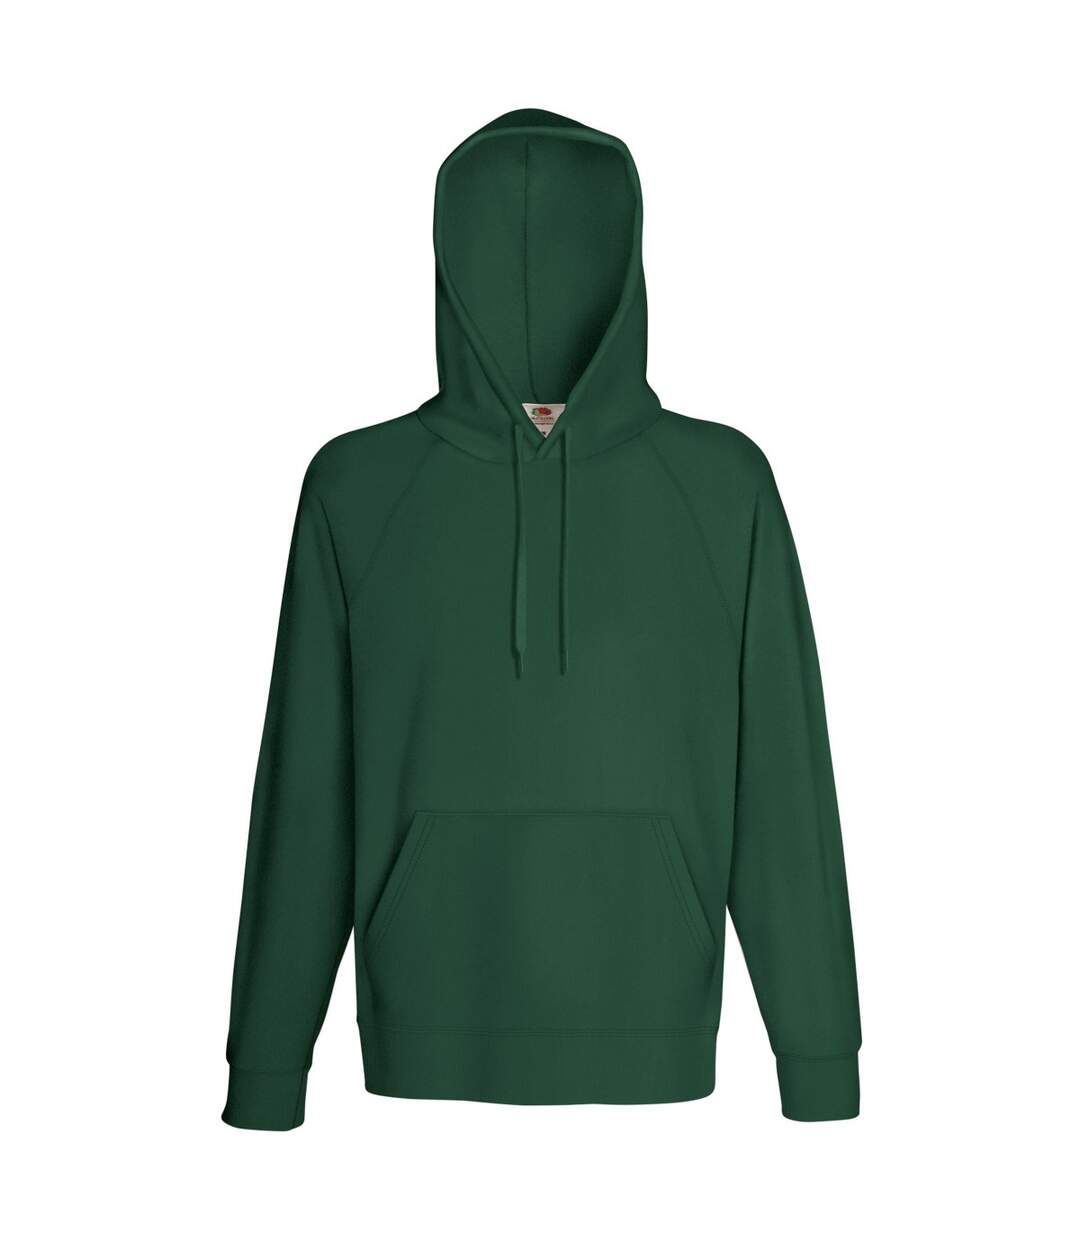 Fruit Of The Loom Mens Lightweight Hooded Sweatshirt / Hoodie (240 GSM) (White) - UTBC2654